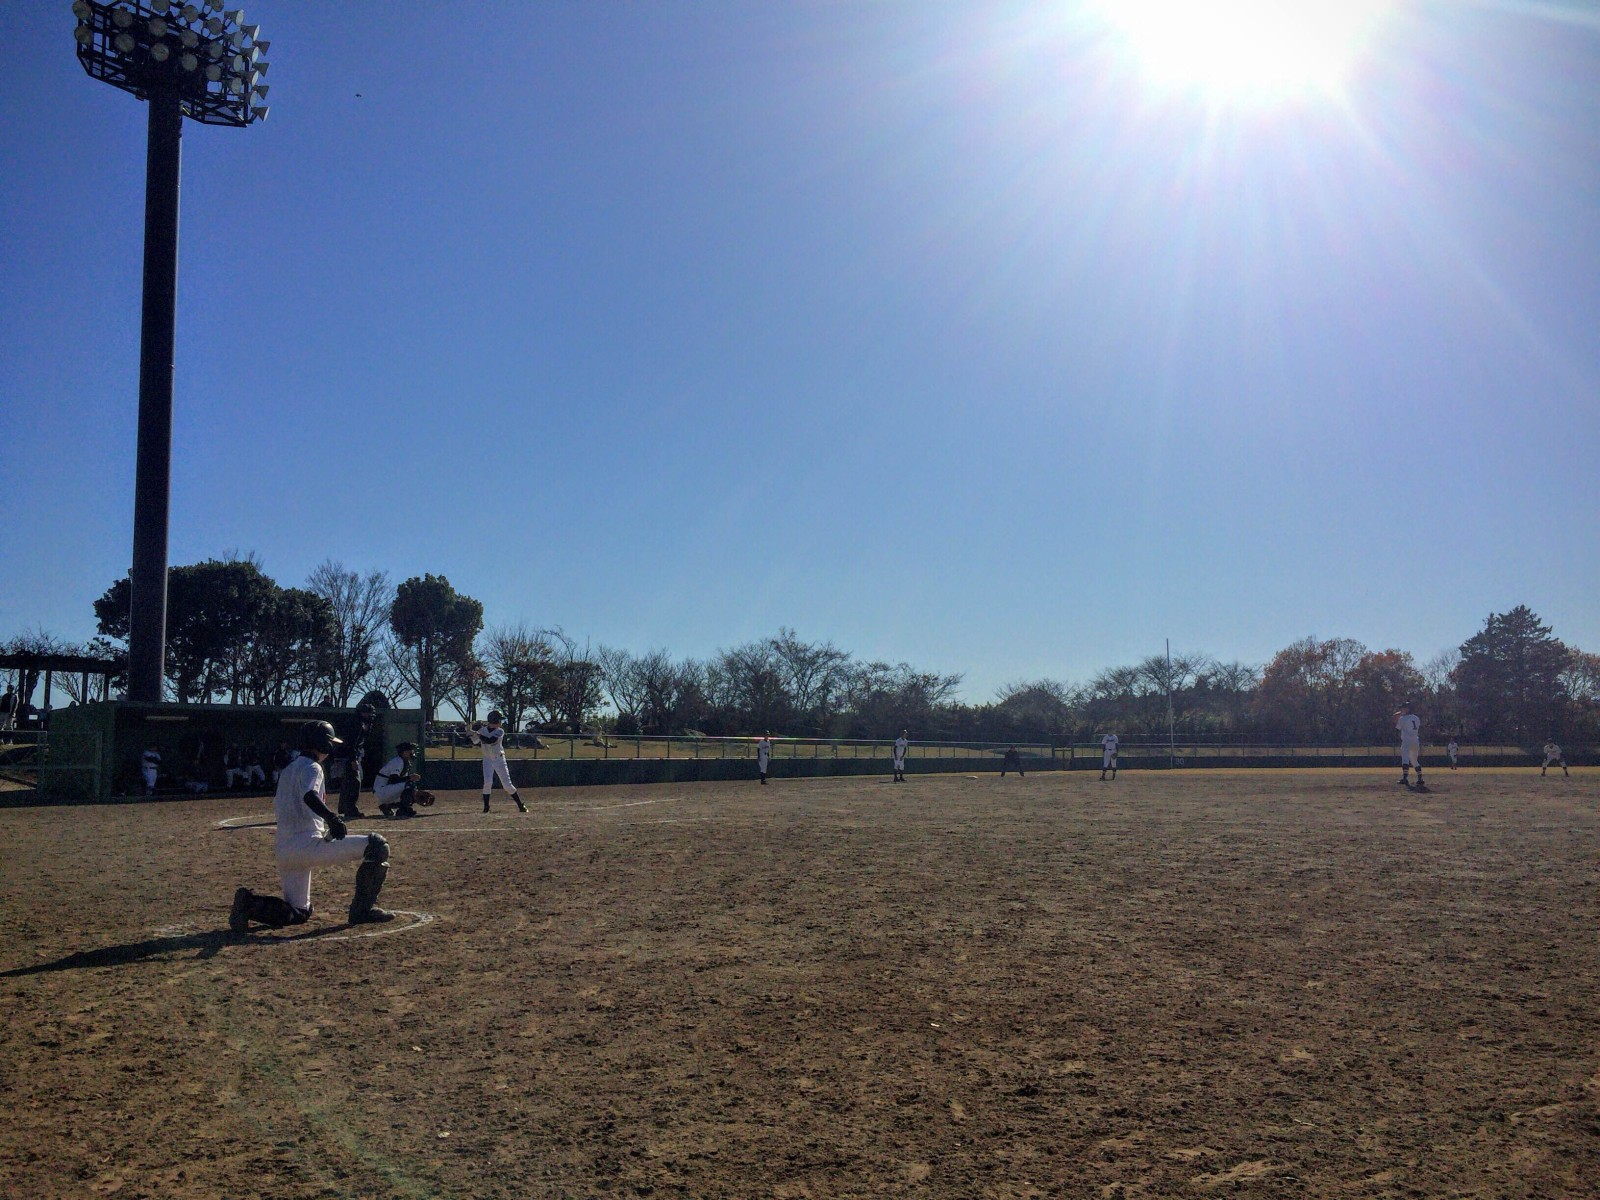 2015.12.05 第3回水戸ヤクルトカップ大会 1回戦 川崎中央リトルシニア戦